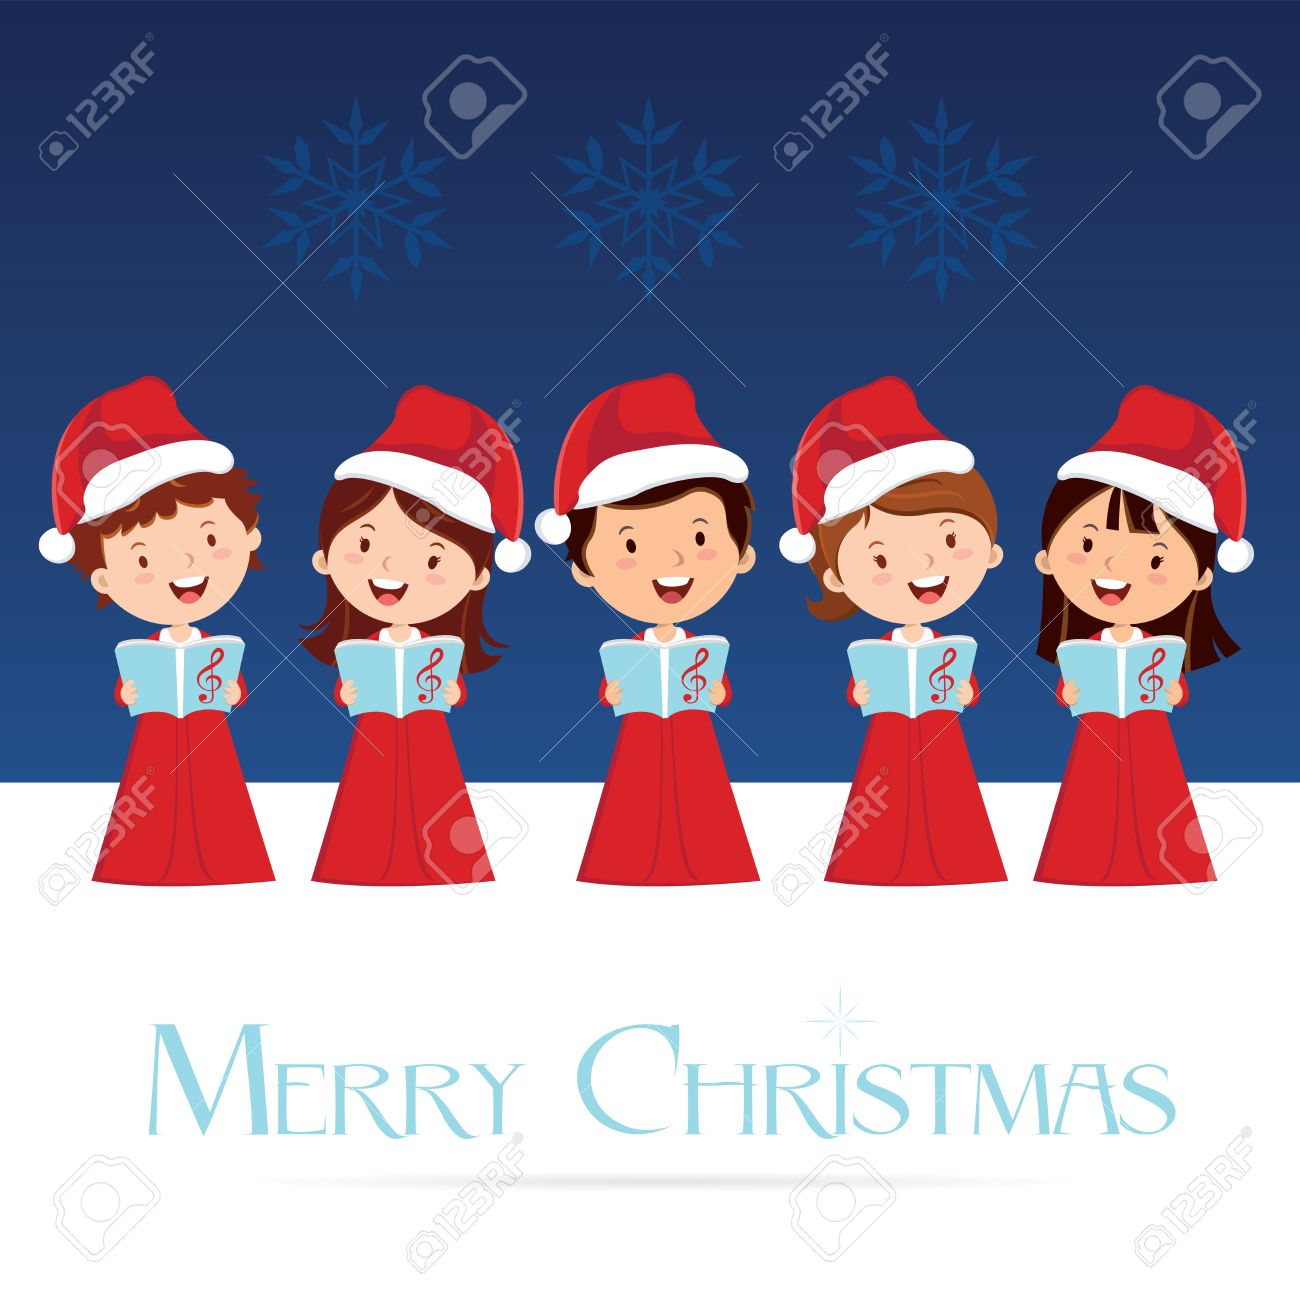 Christmas Choir. Christmas Carols. Royalty Free Cliparts, Vectors ...